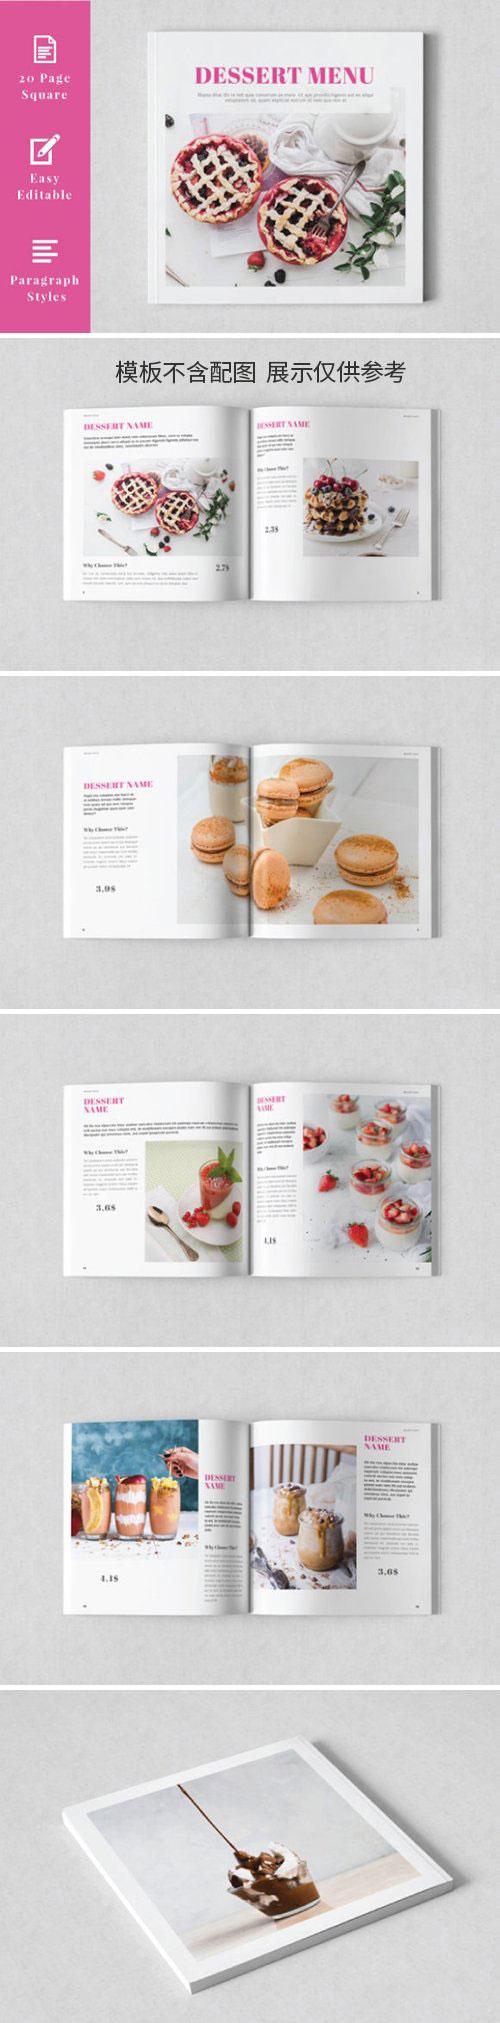 蛋糕甜品菜单画册